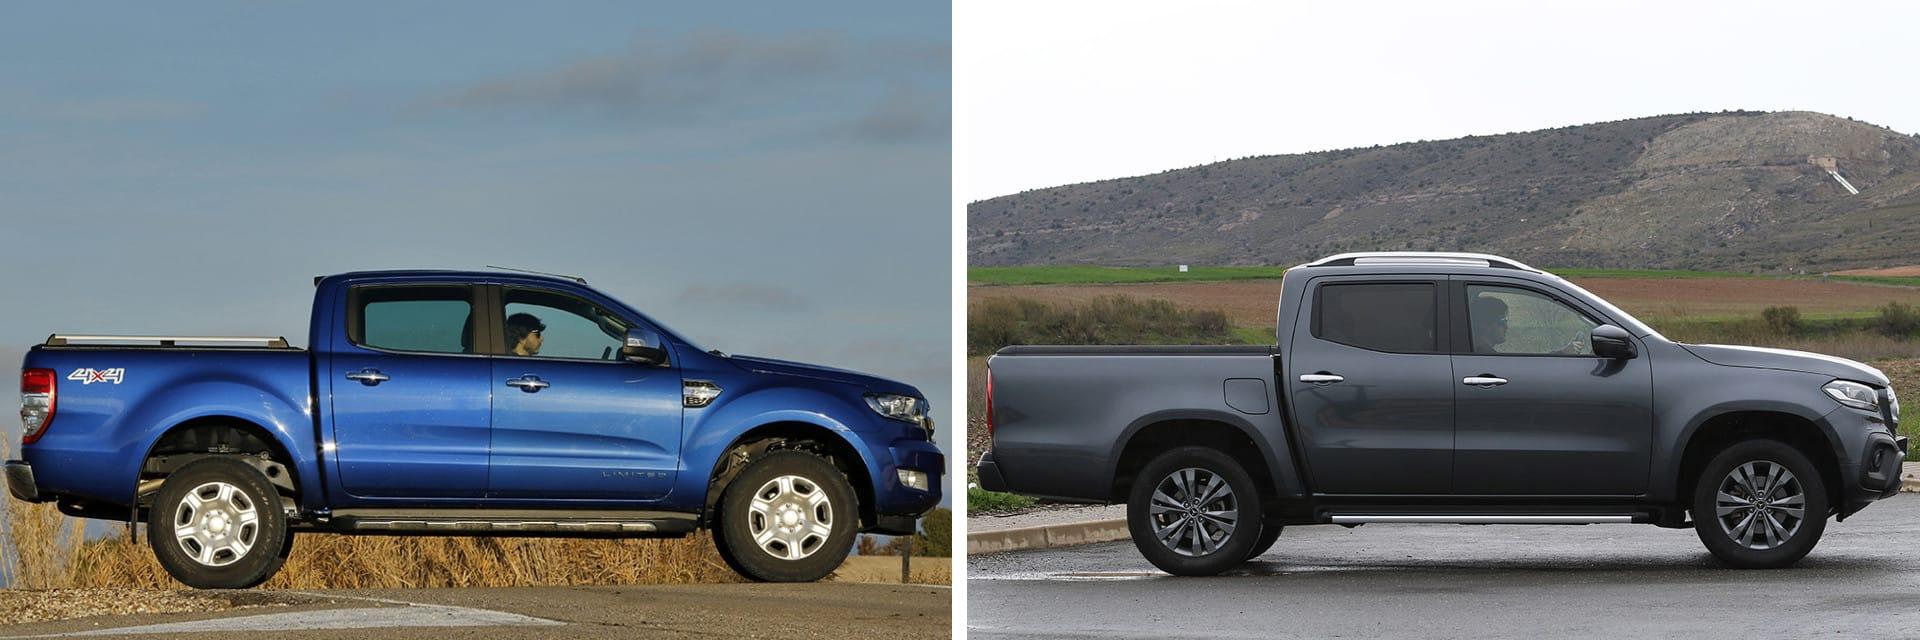 El Ford Ranger (izq.) está a la venta con motores de 160 y 200 CV, mientras que el Mercedes (dcha.) lo hace con motores de 163 y 190 CV.